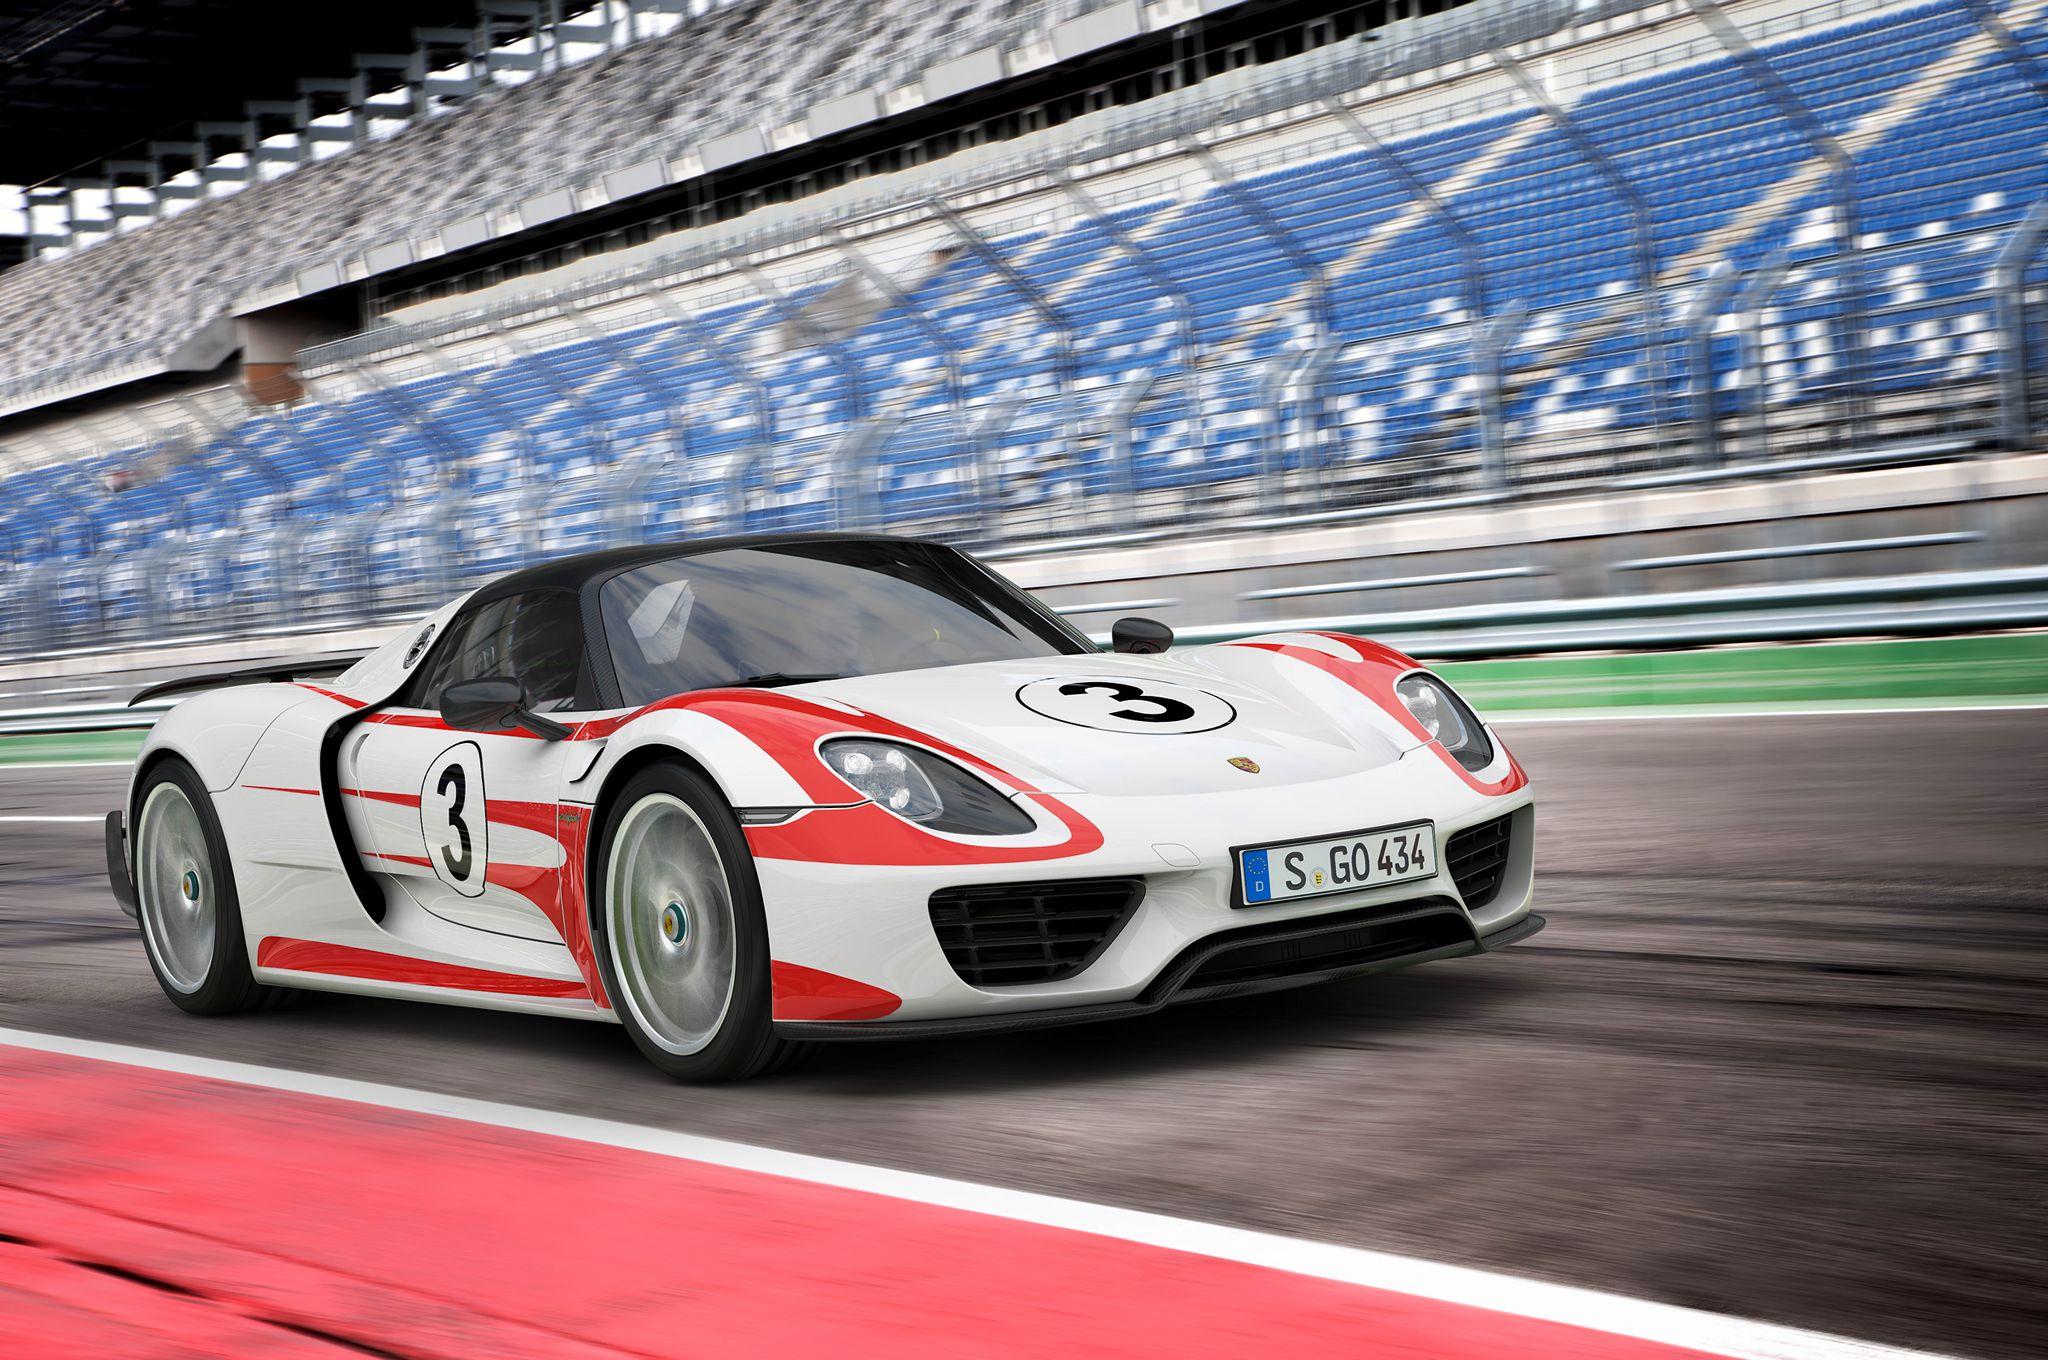 2014 porsche 918 spyder race rear view wallpaper porsche wallpaper pinterest porsche porsche 918 and wallpapers - Porsche 918 Rsr Wallpaper